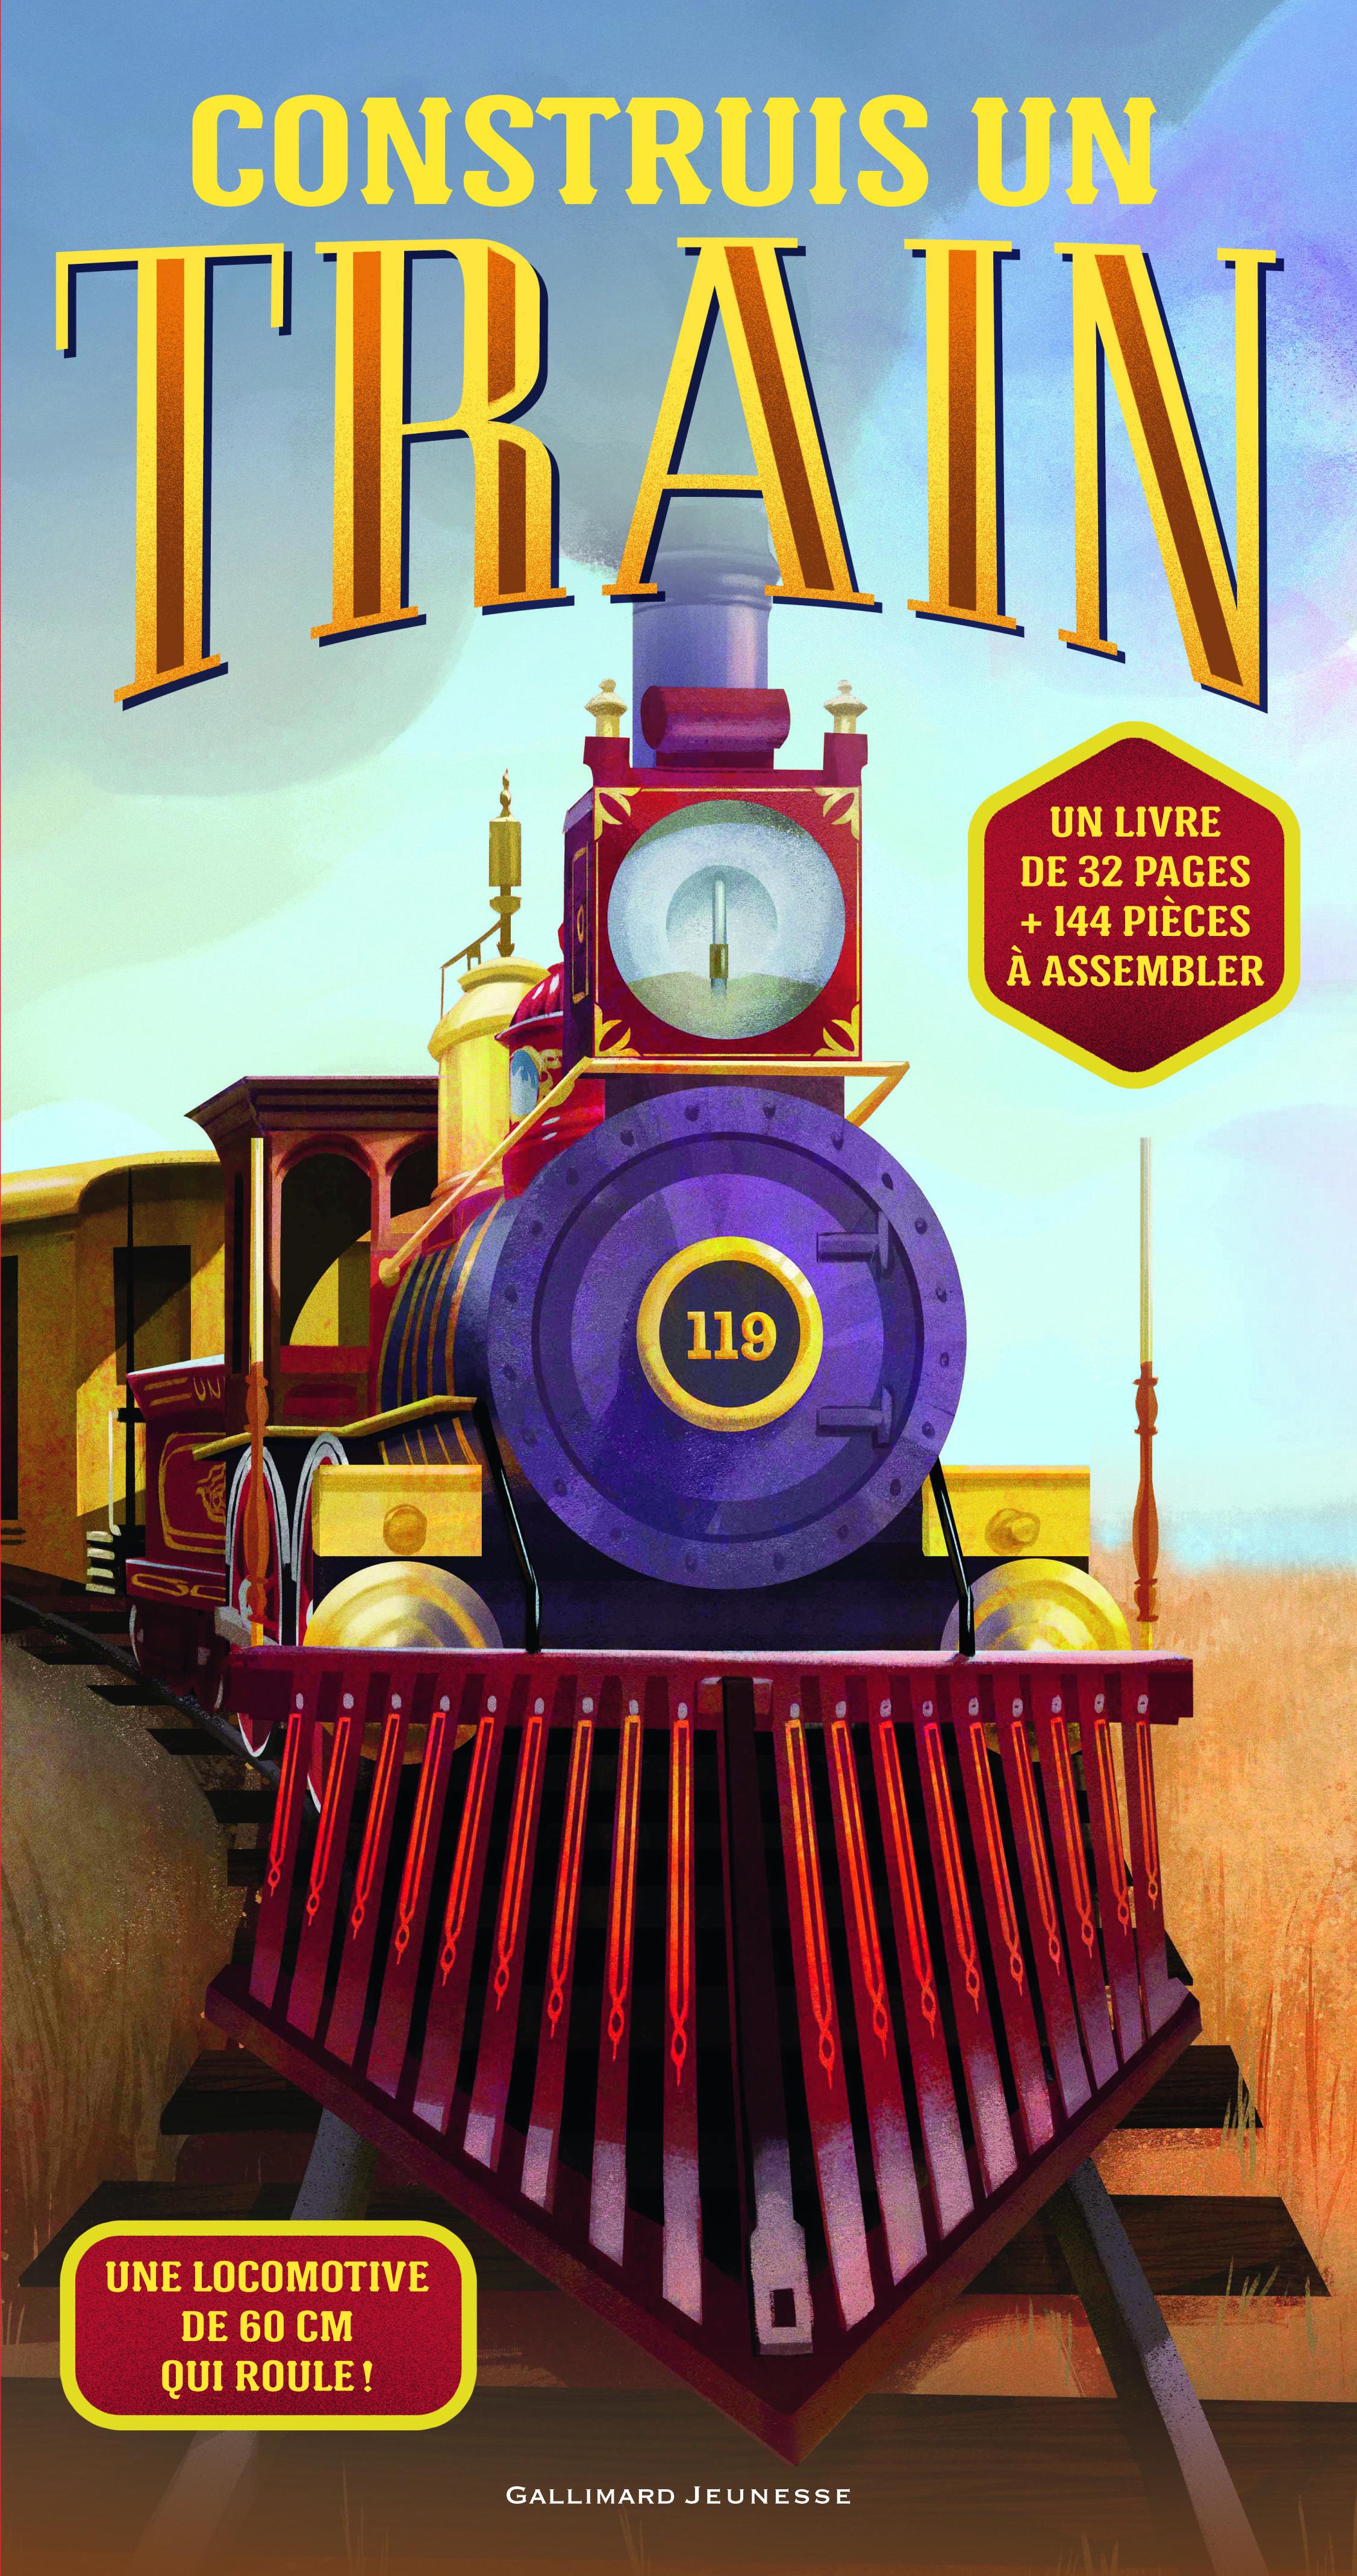 CONSTRUIS UN TRAIN